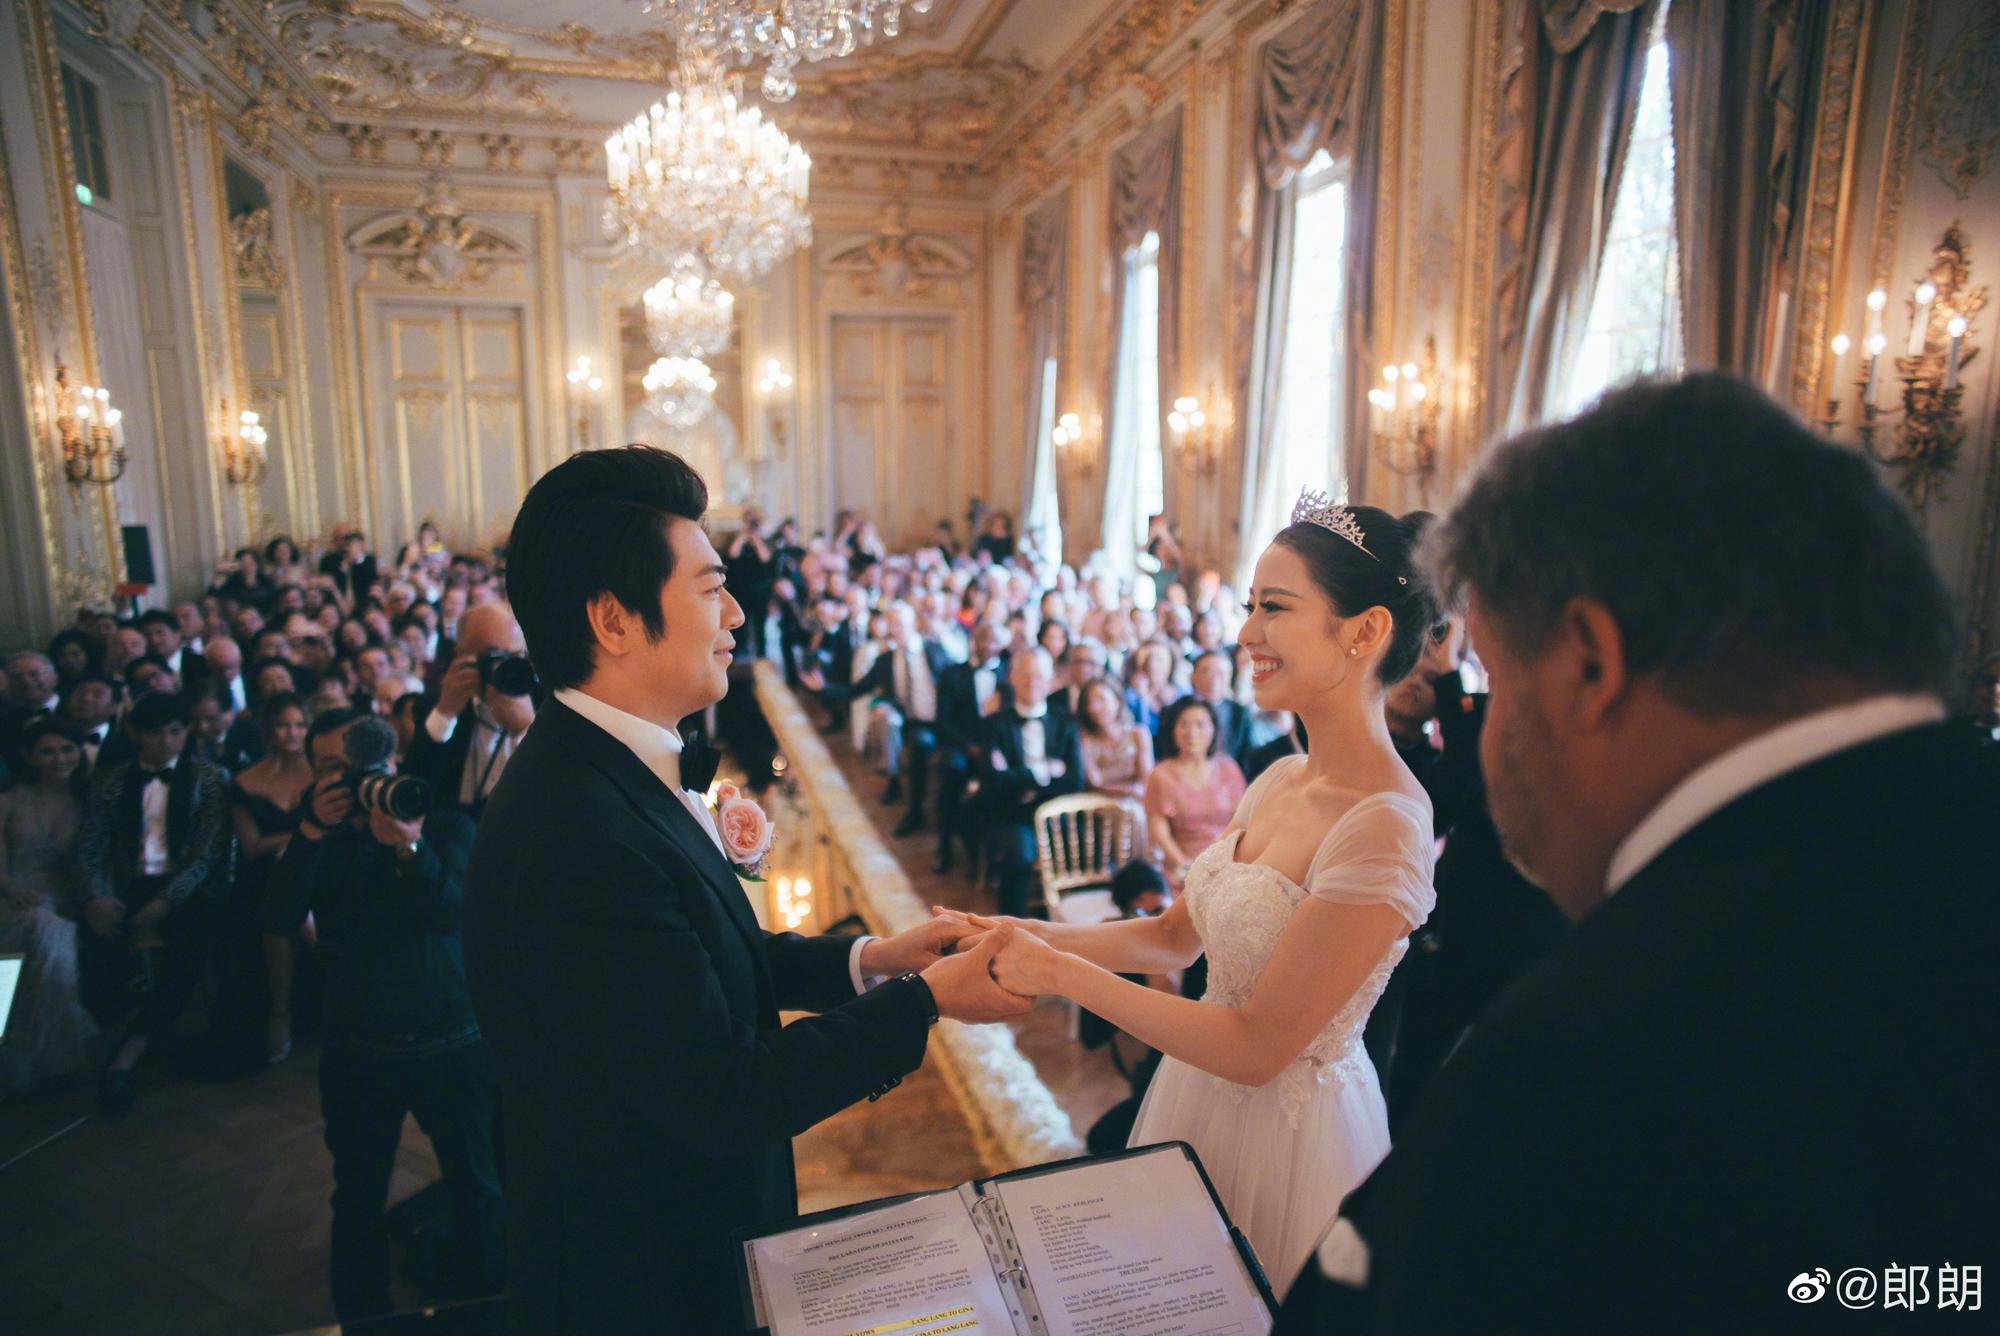 郎朗在凡爾賽宮舉辦婚禮。(取自郎朗微博)